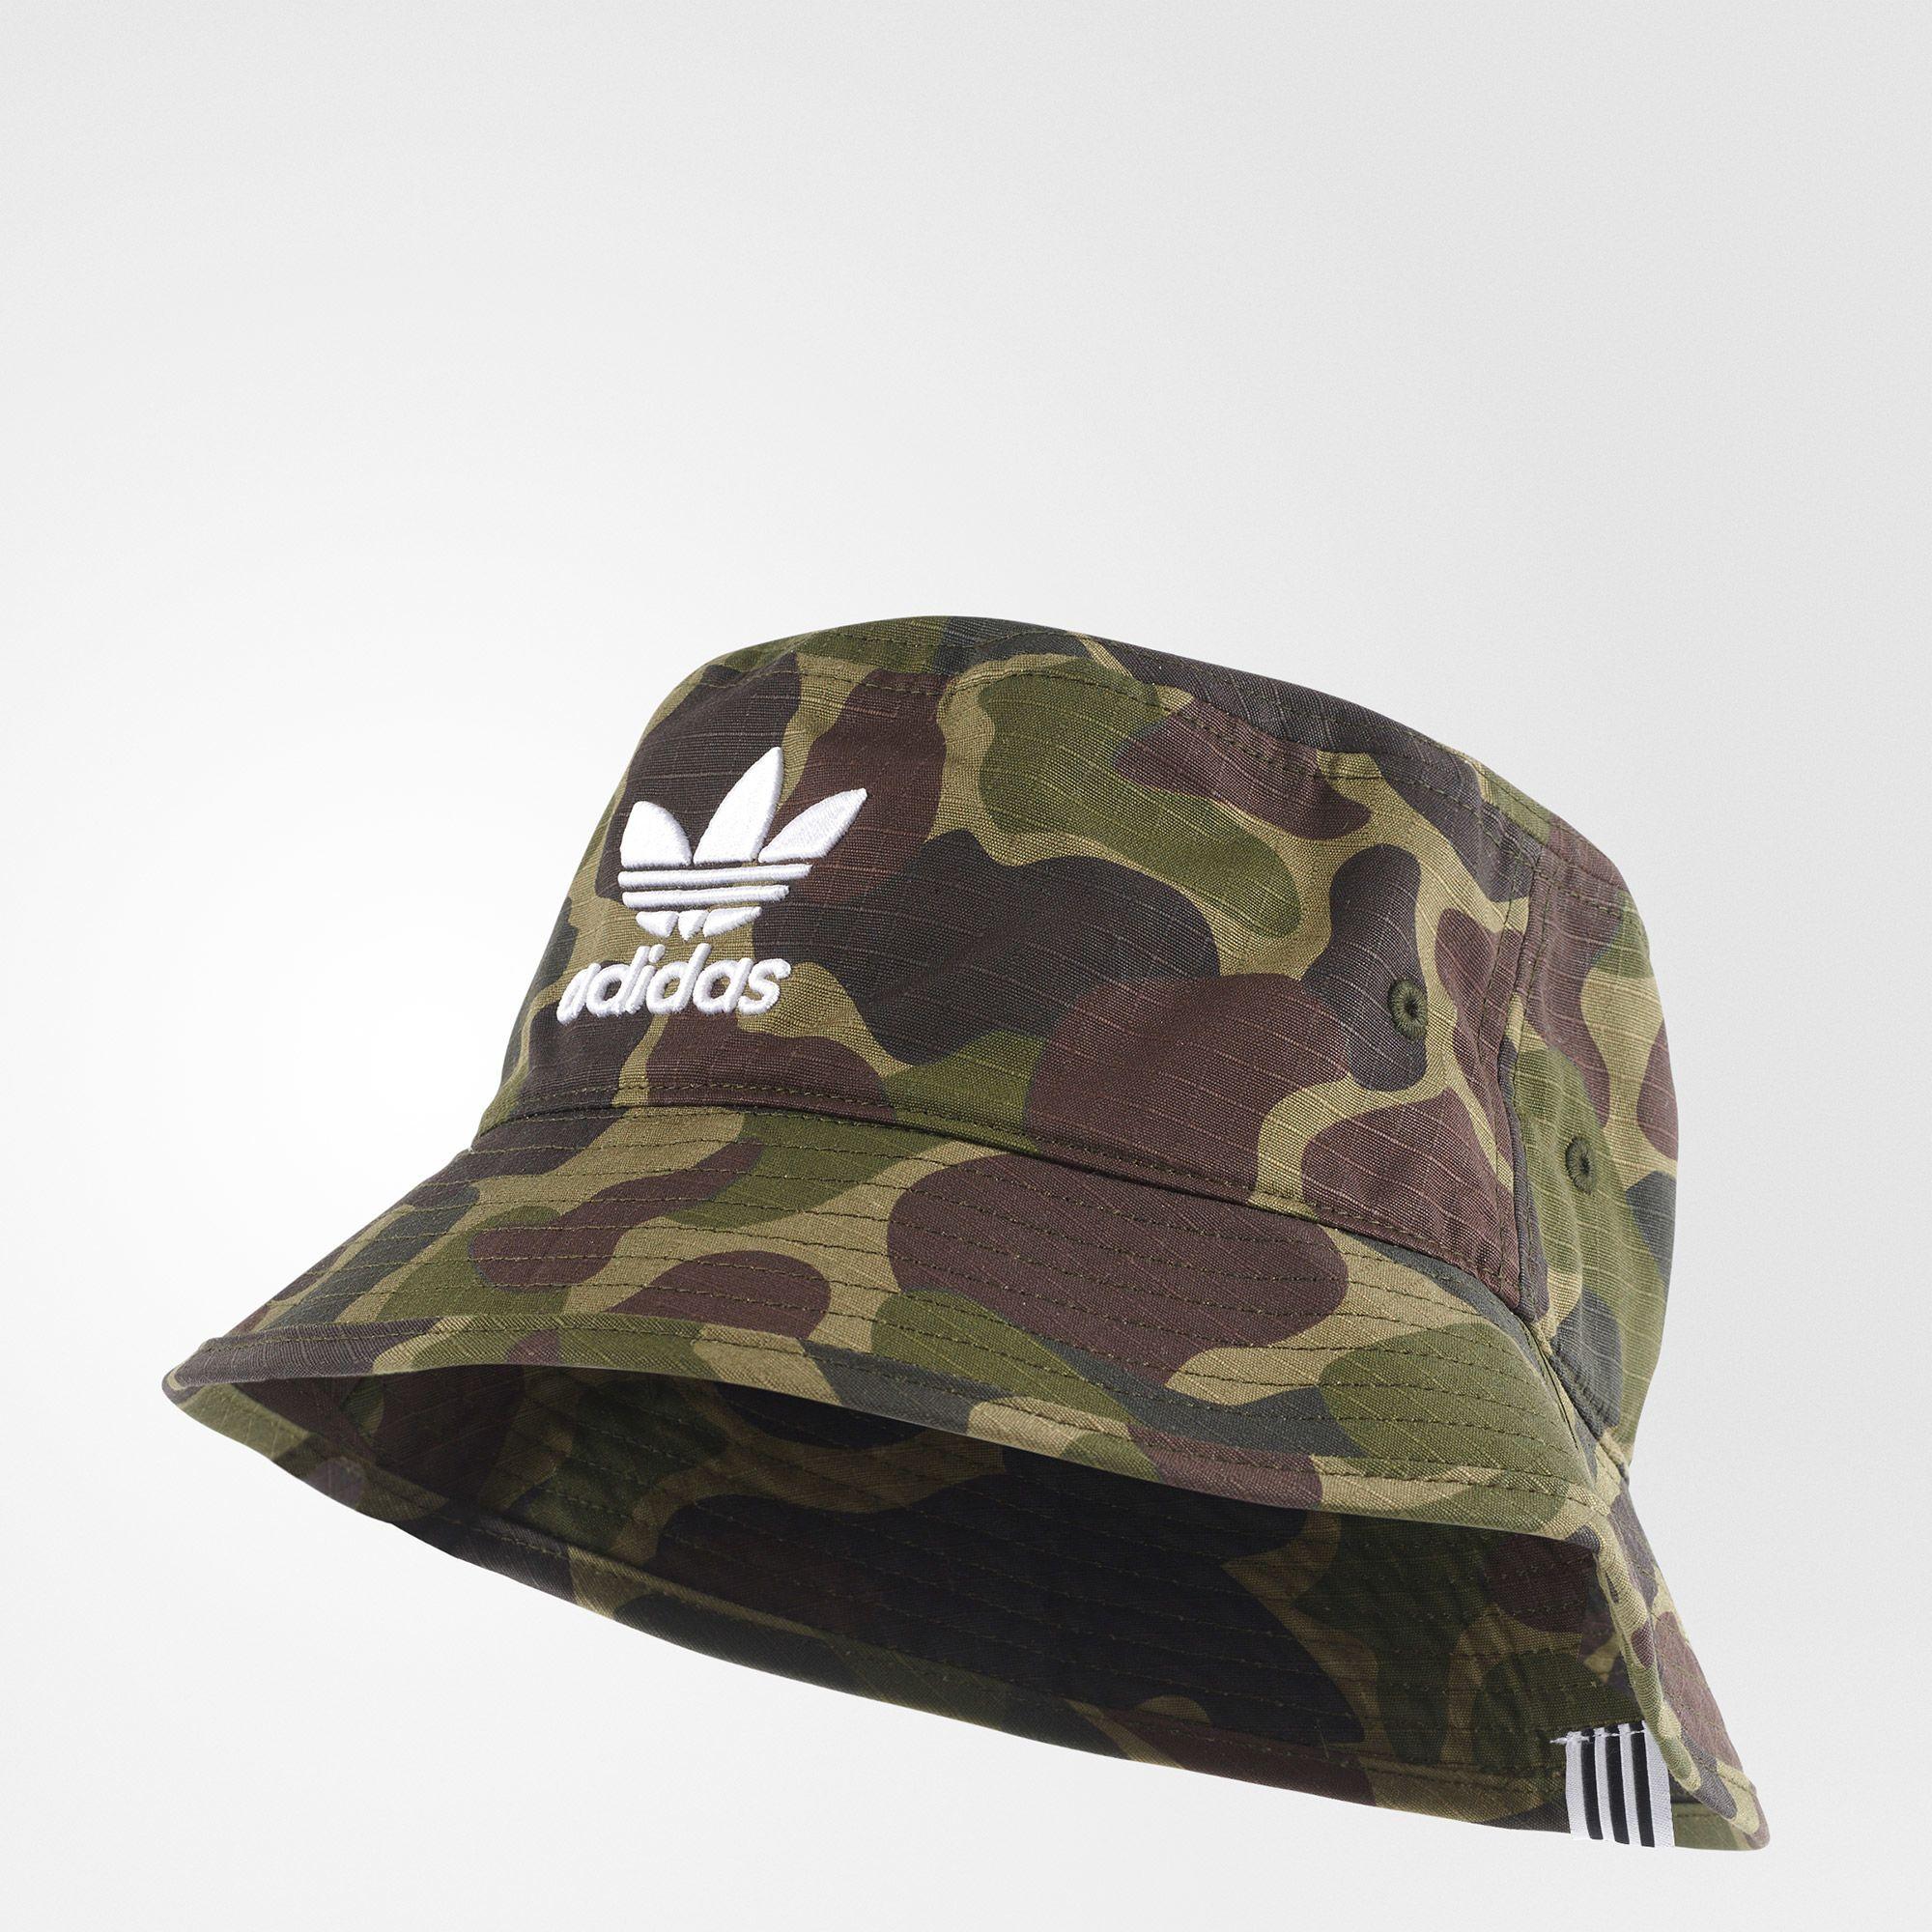 87da74c598b Hats  Knit Caps   Beanies for Men   Women. adidas - Chapeu Bucket Camo